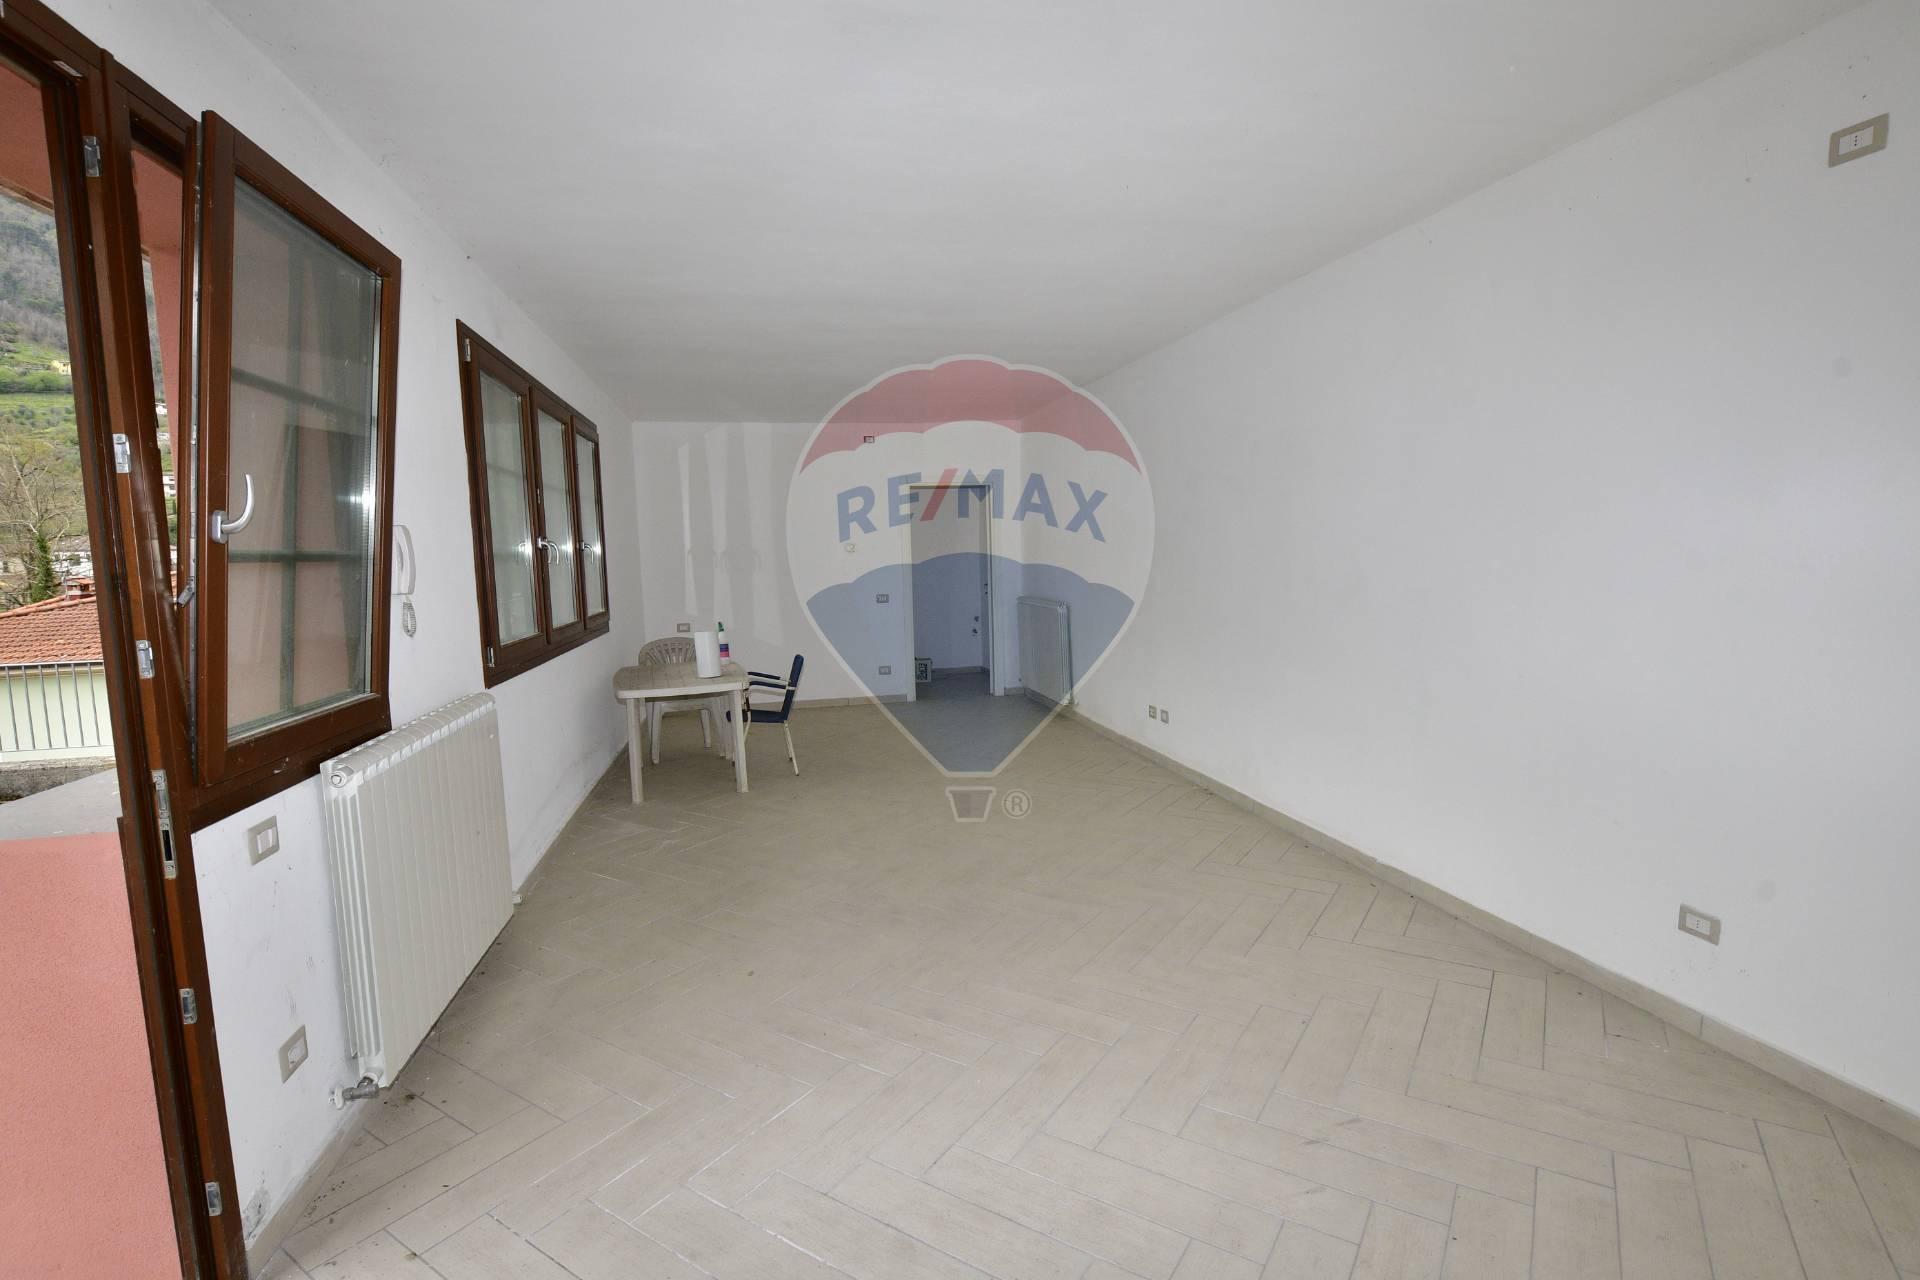 Ufficio / Studio in affitto a Bagni di Lucca, 9999 locali, zona Località: Centro, prezzo € 200 | CambioCasa.it